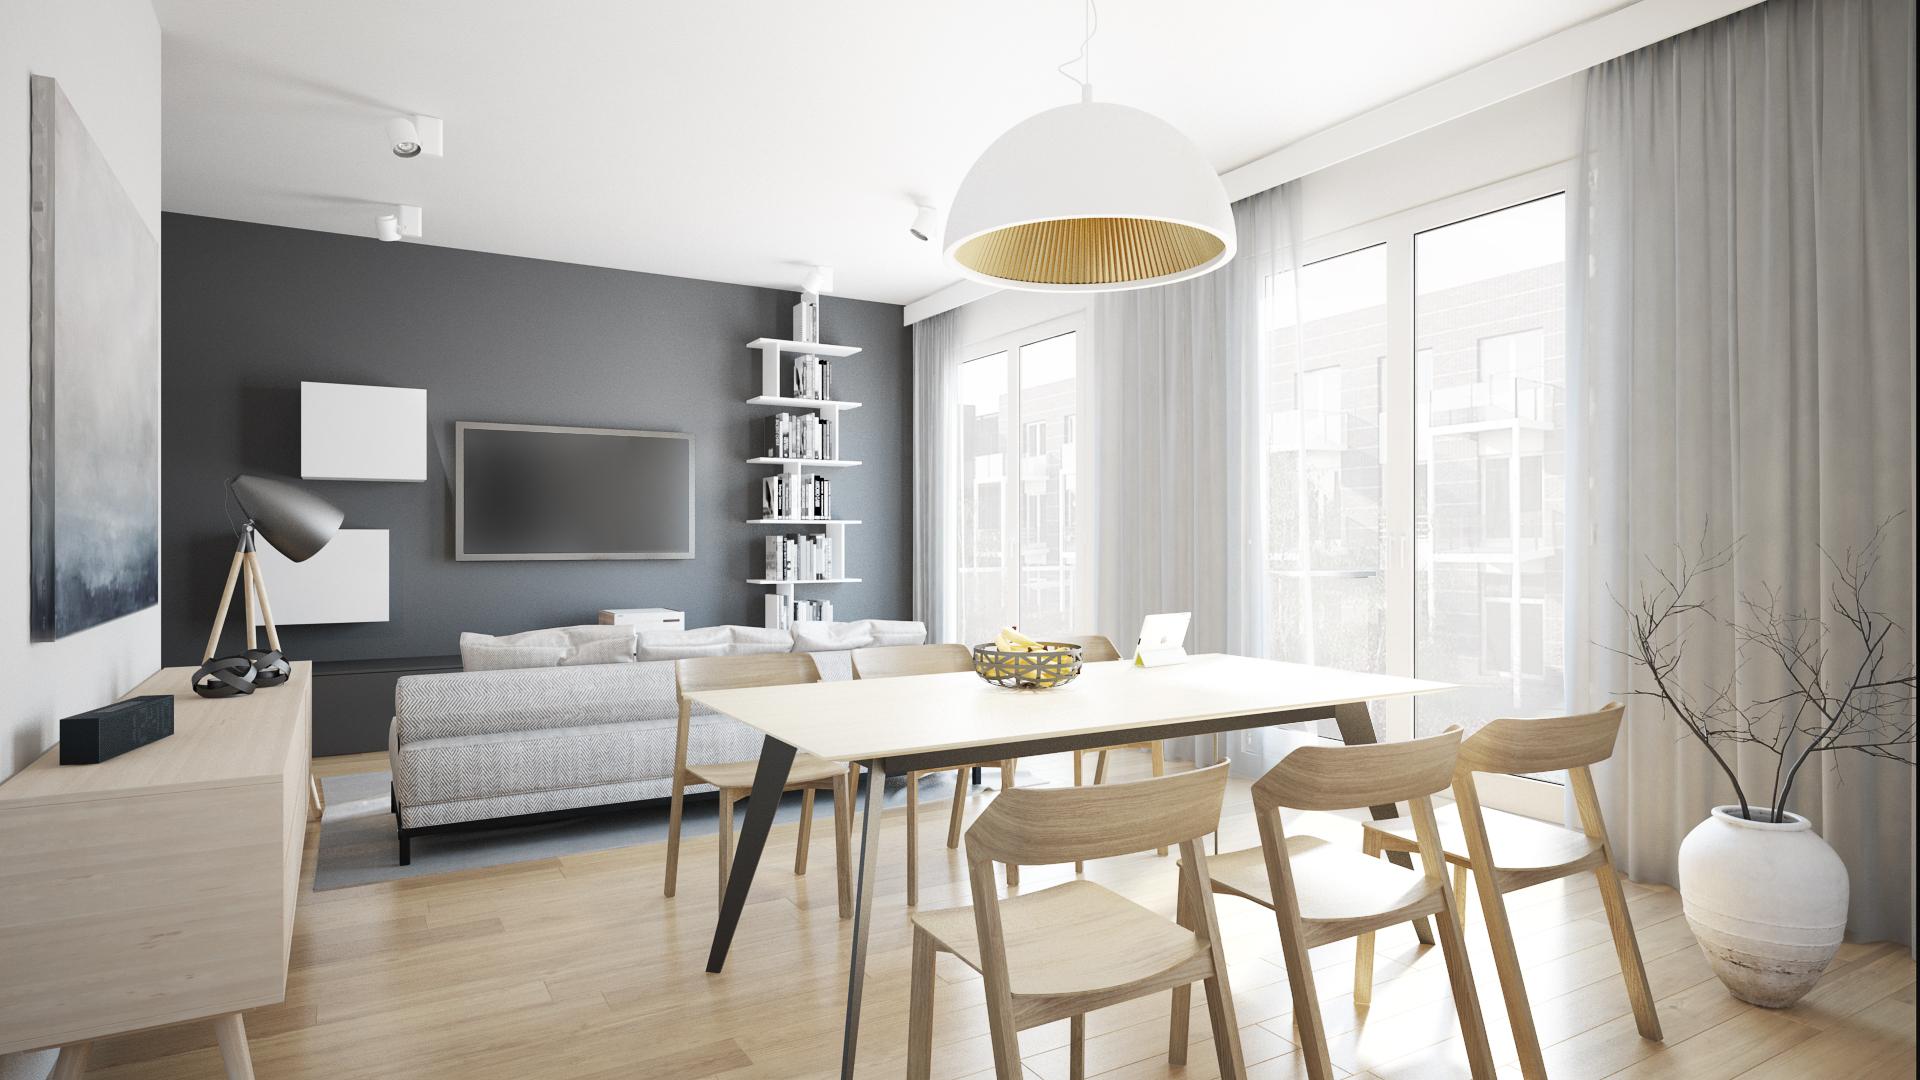 Wizualizacja mieszkanie developerskie Utrecht pokój dzienny